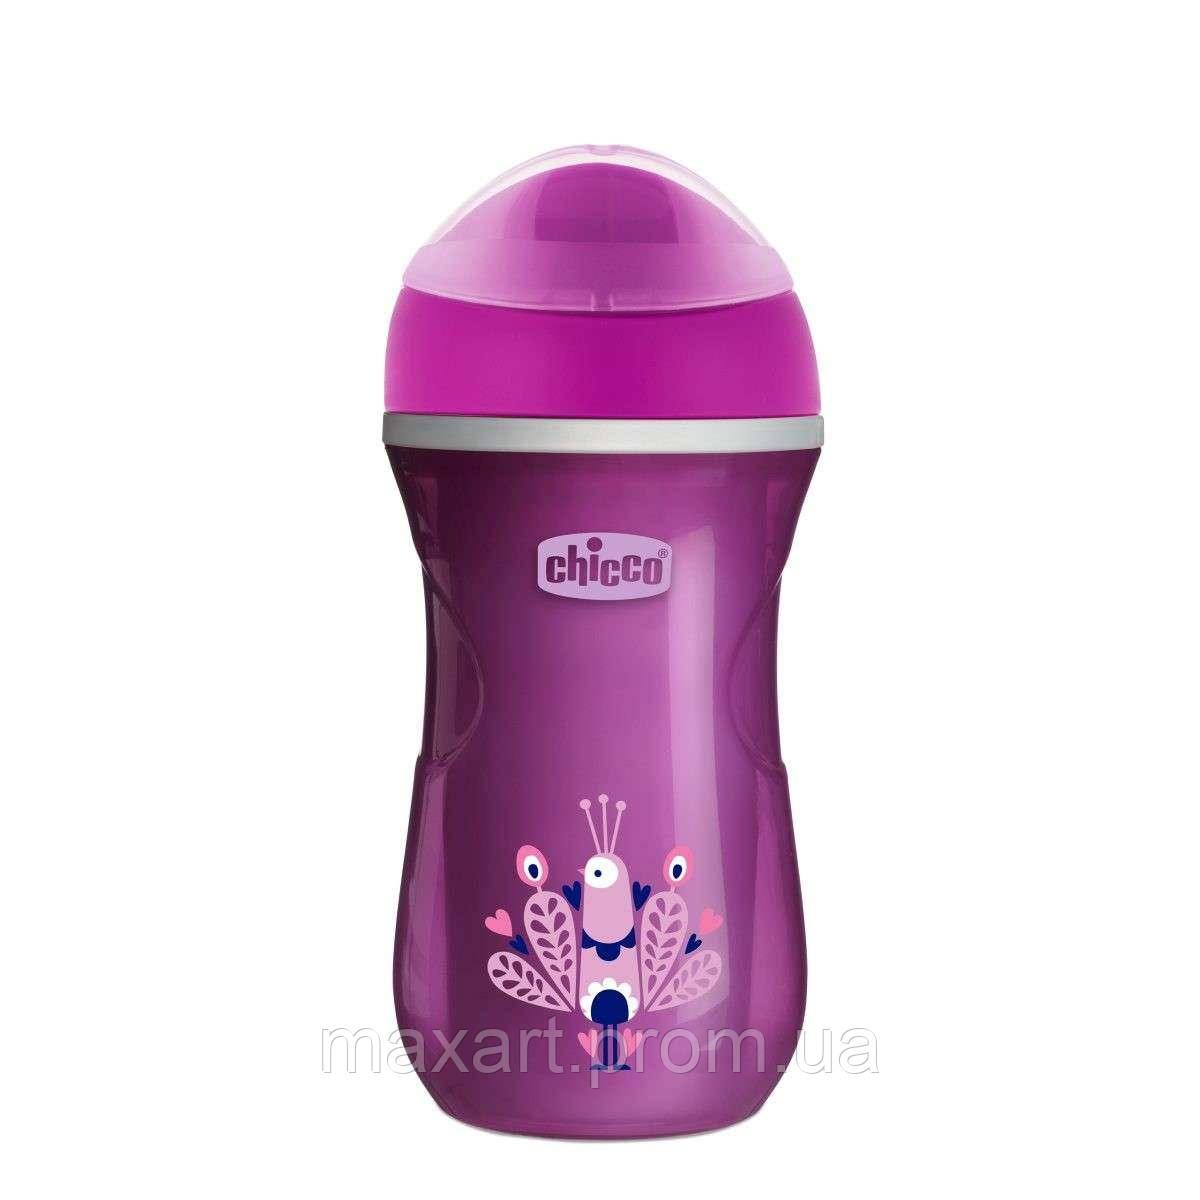 Чашка-непроливайка Chicco - Active Cup (06981.11) 266 мл / 14 мес.+ / фиолетовый